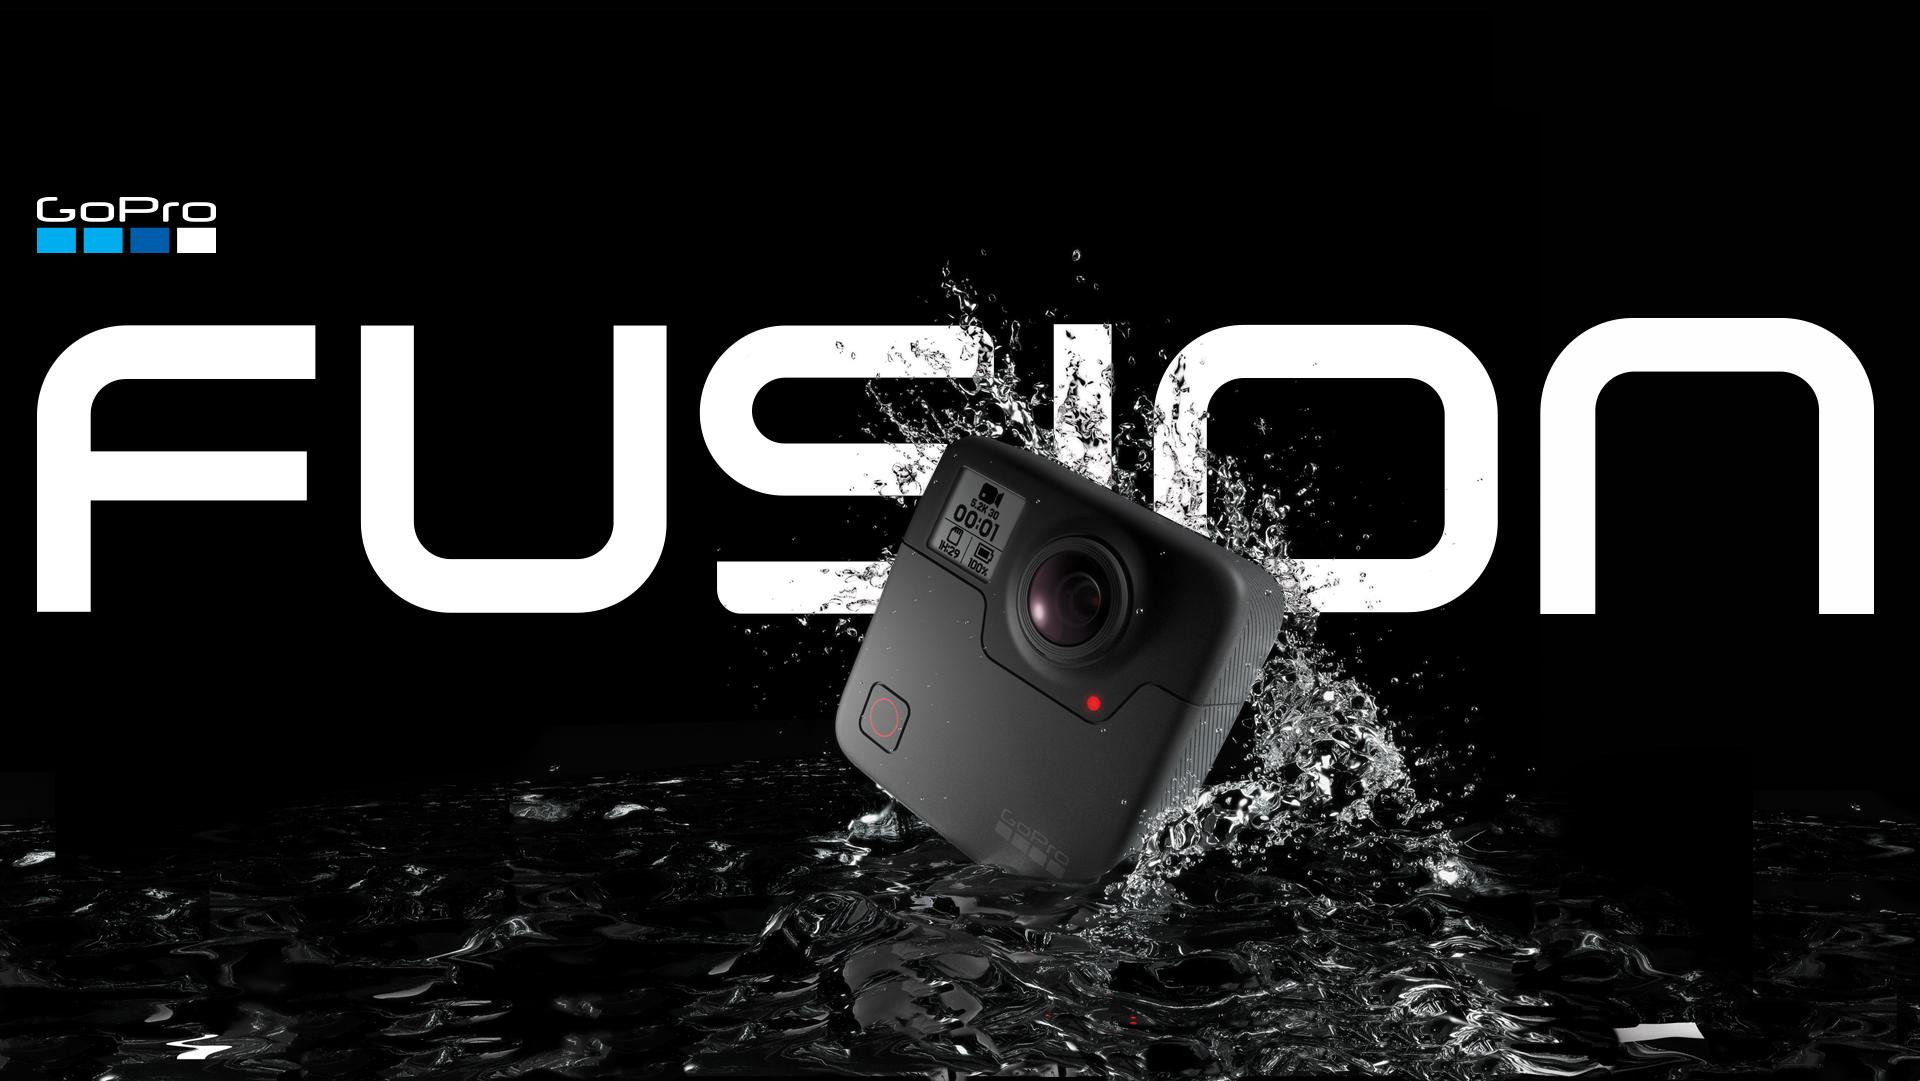 ecfcc513085 Nüüd saadaval: GoPro Fusion 360° seikluskaamera - Photopointi  ajaveebPhotopointi ajaveeb